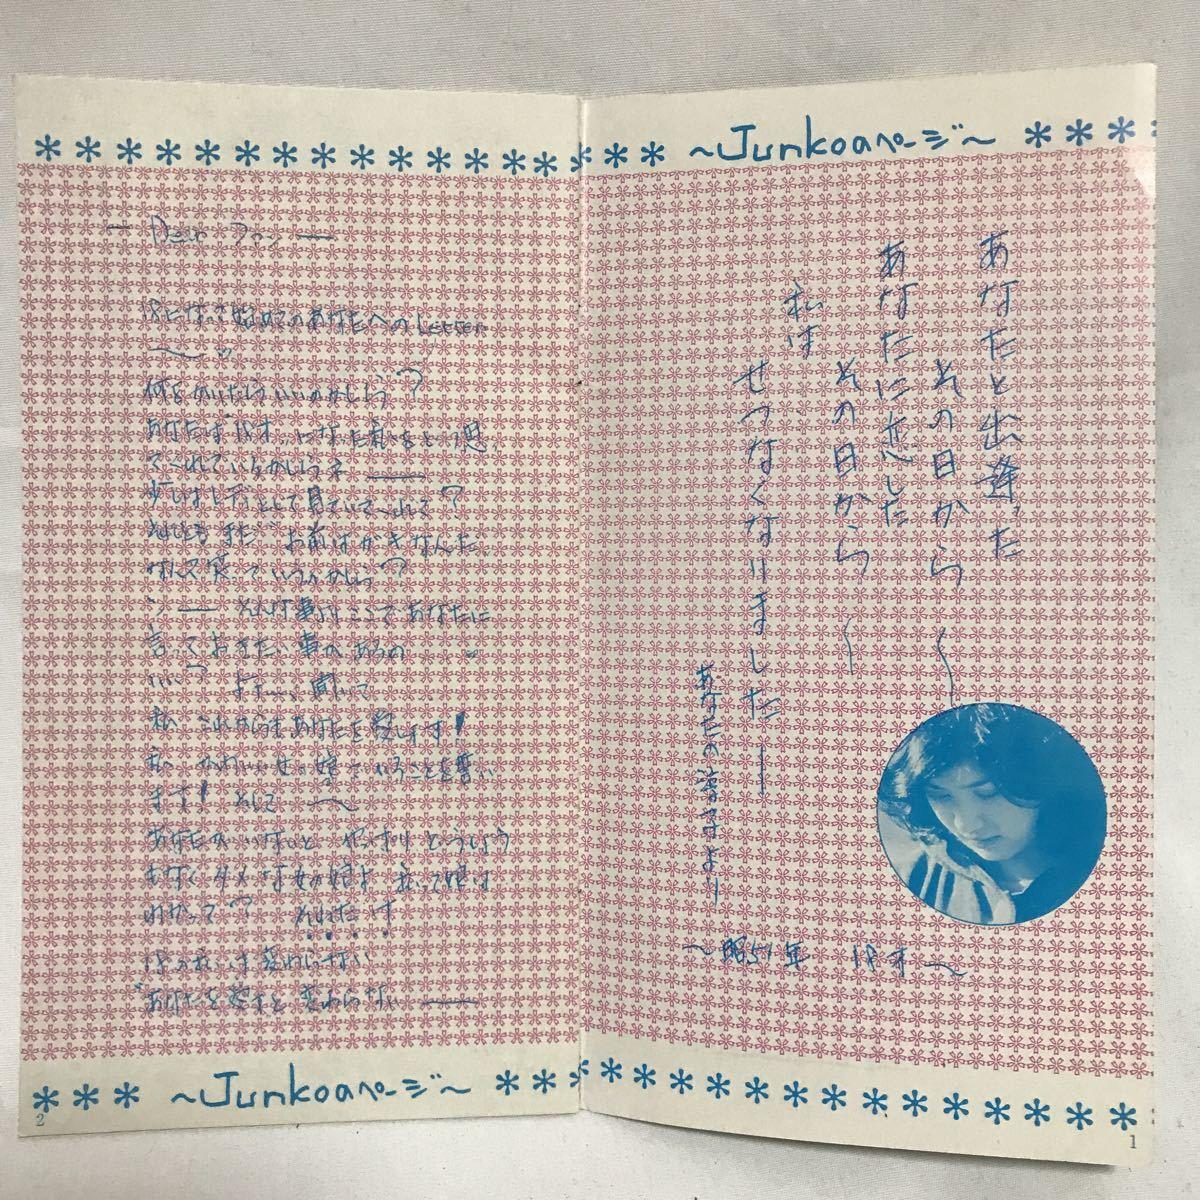 桜田淳子ファンクラブ会報誌/さくらんぼNo.17★昭和51年(1976年)発行 _画像2